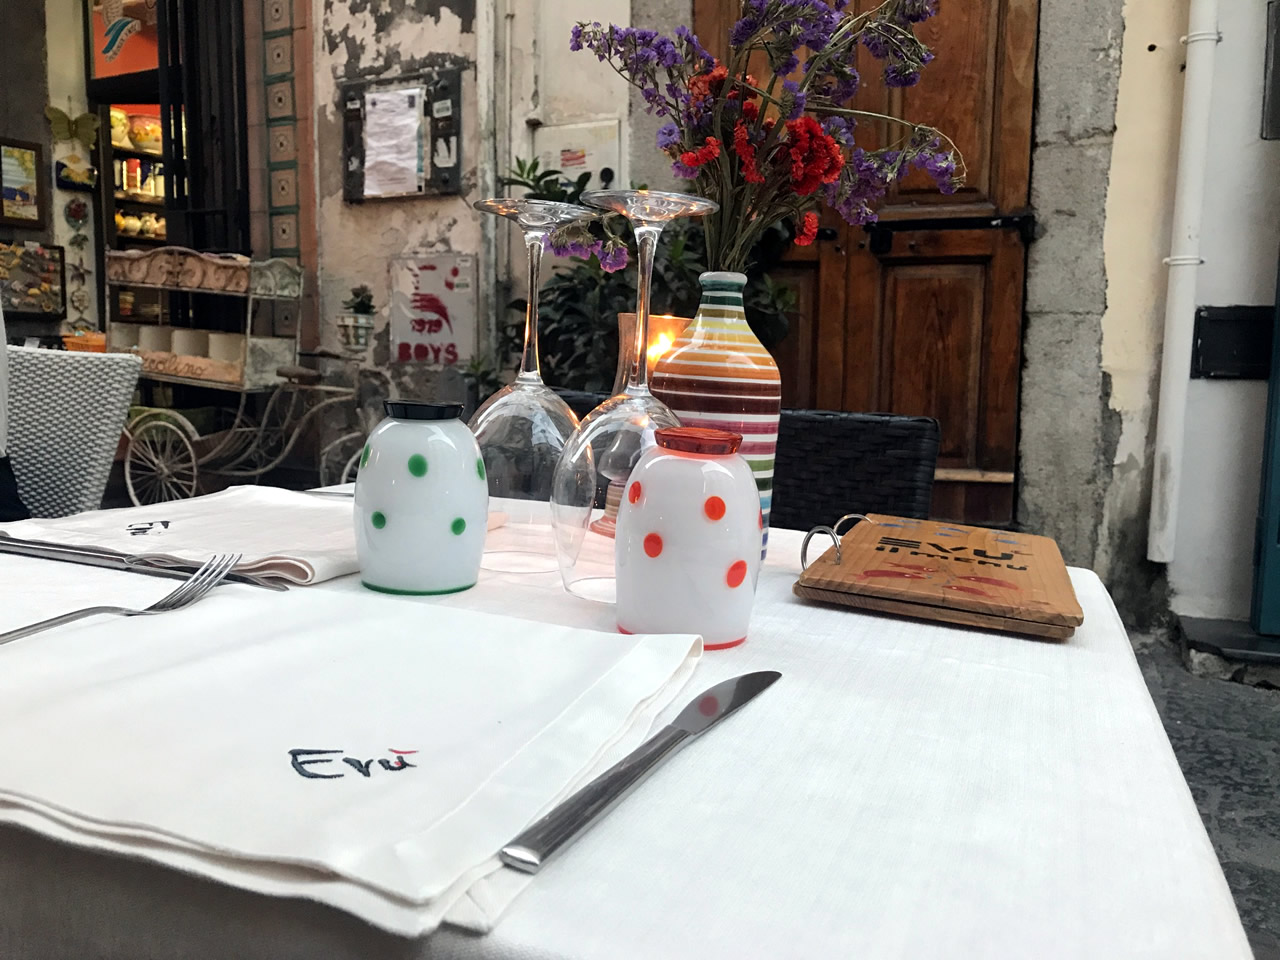 Tra scorci pittoreschi e maioliche scopriamo nel borgo di Vietri Evù